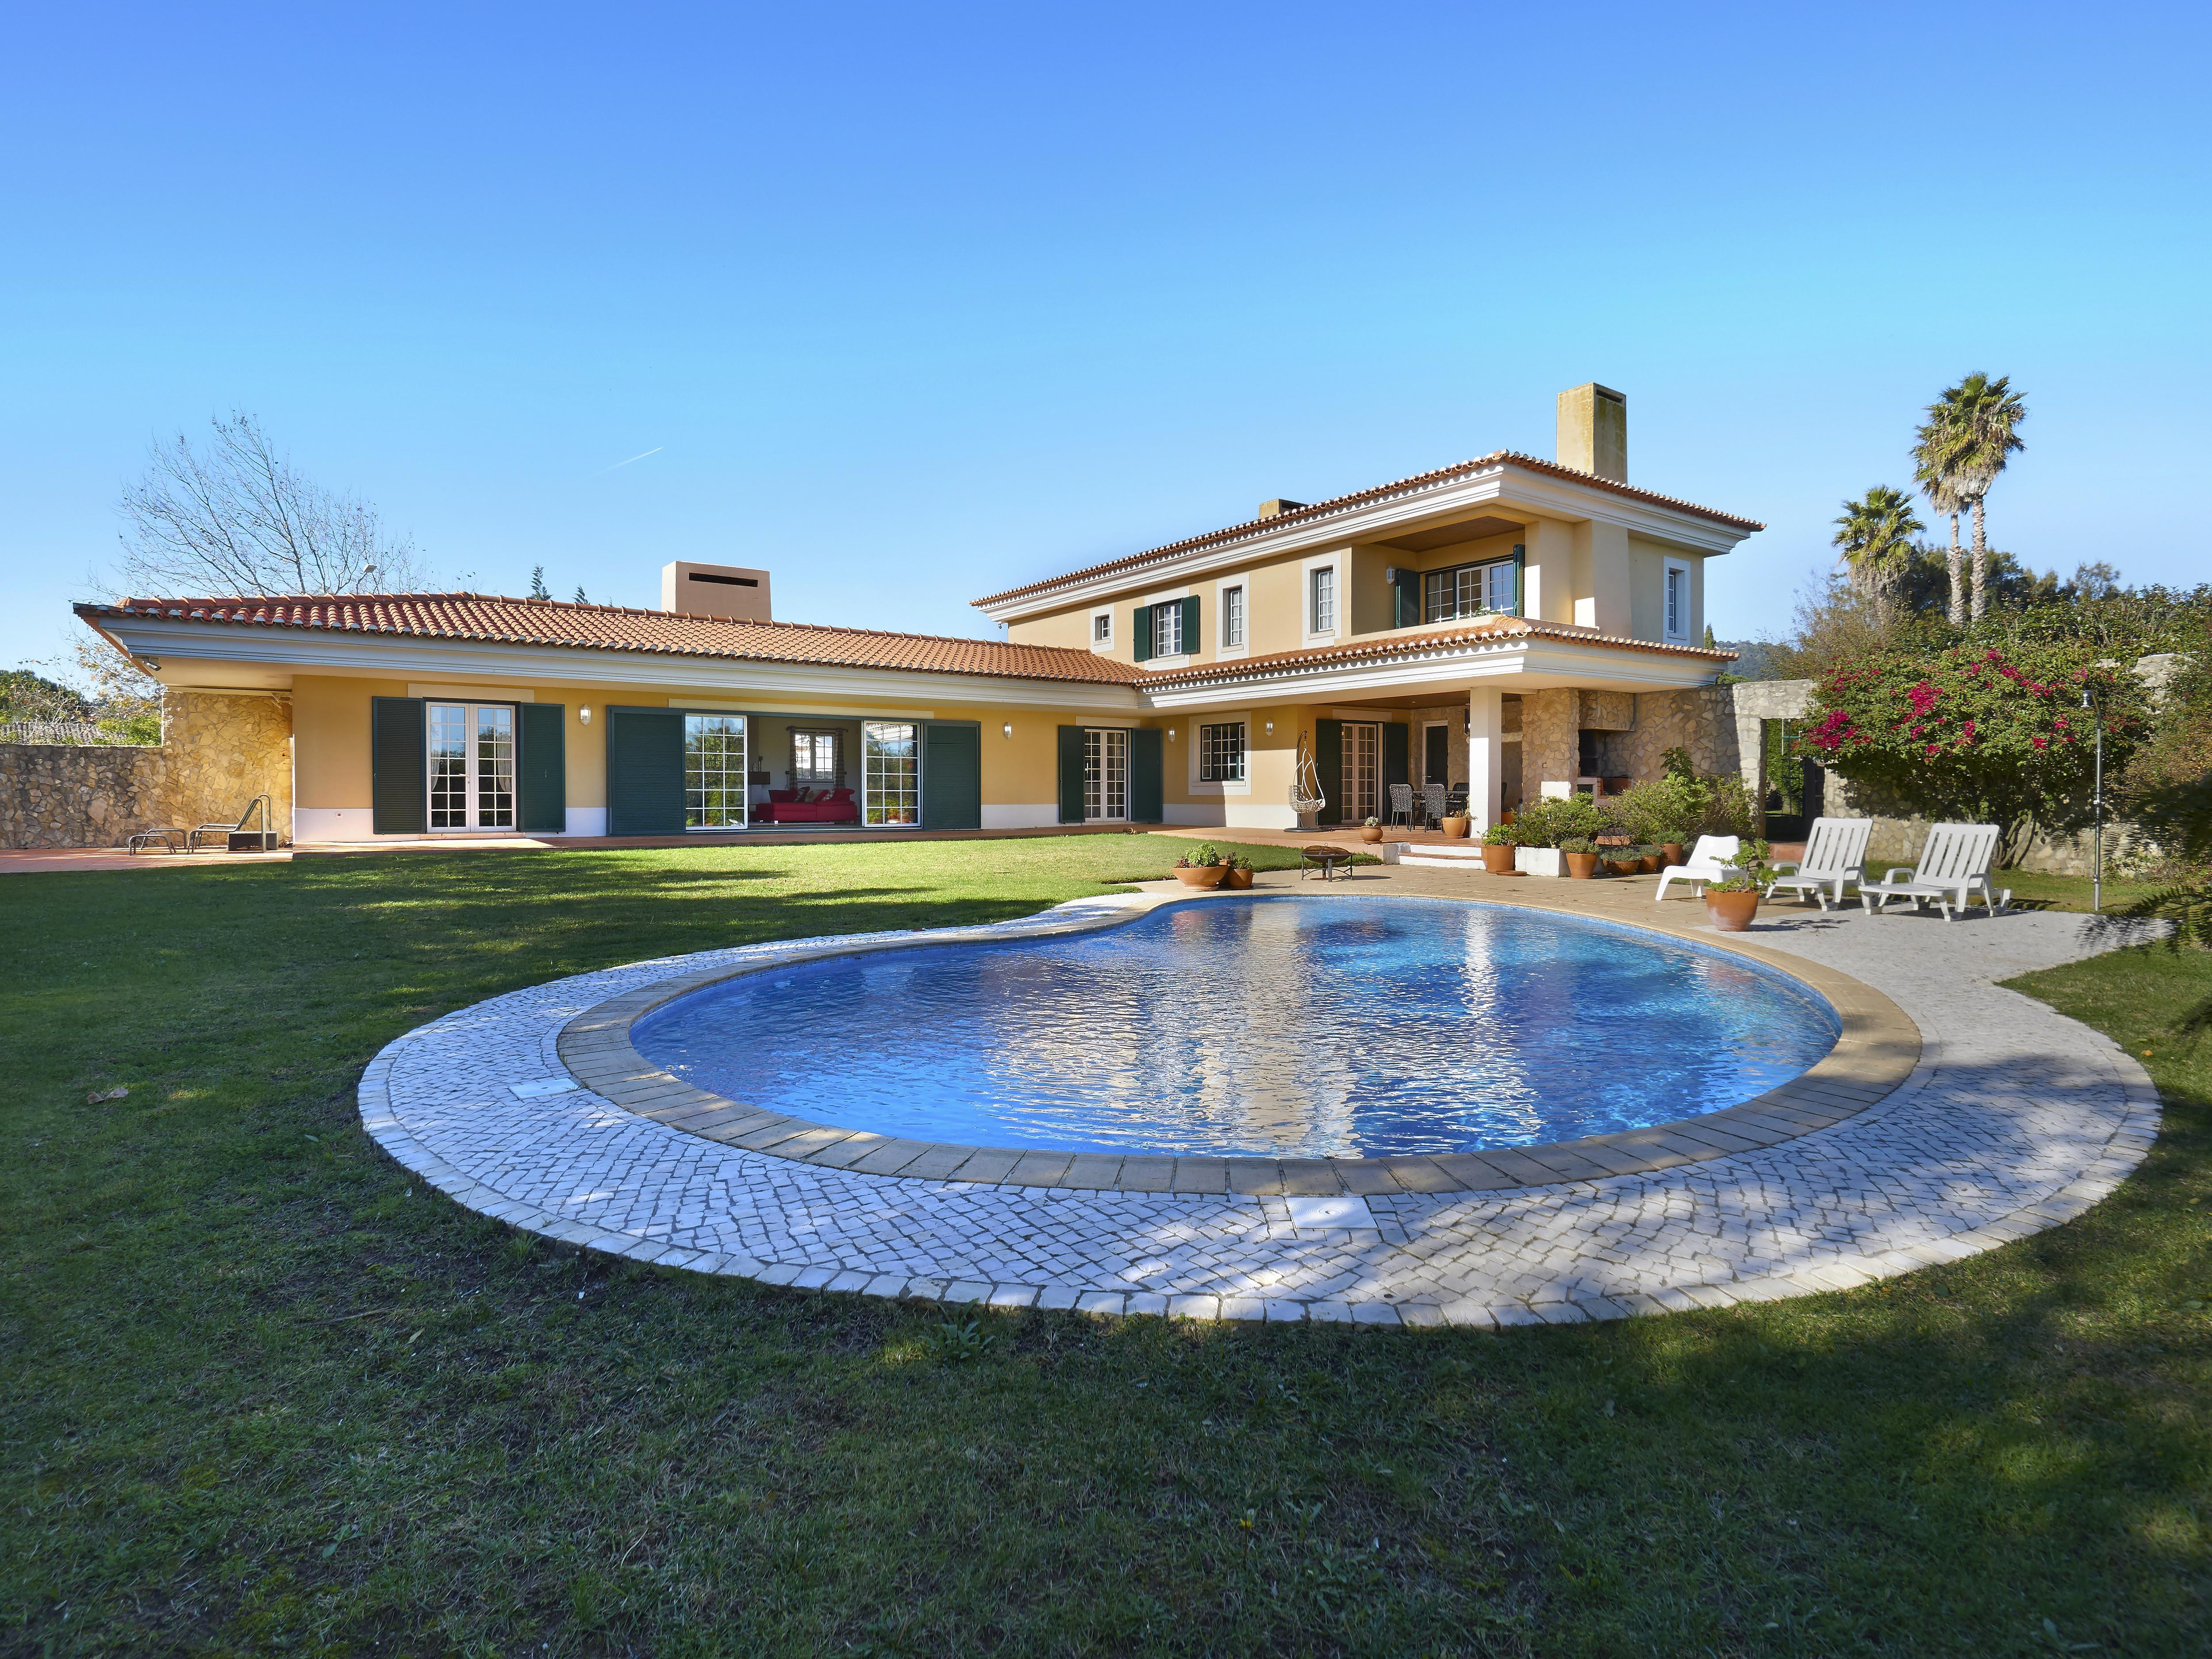 Частный односемейный дом для того Продажа на House, 5 bedrooms, for Sale Sintra, Лиссабон, Португалия